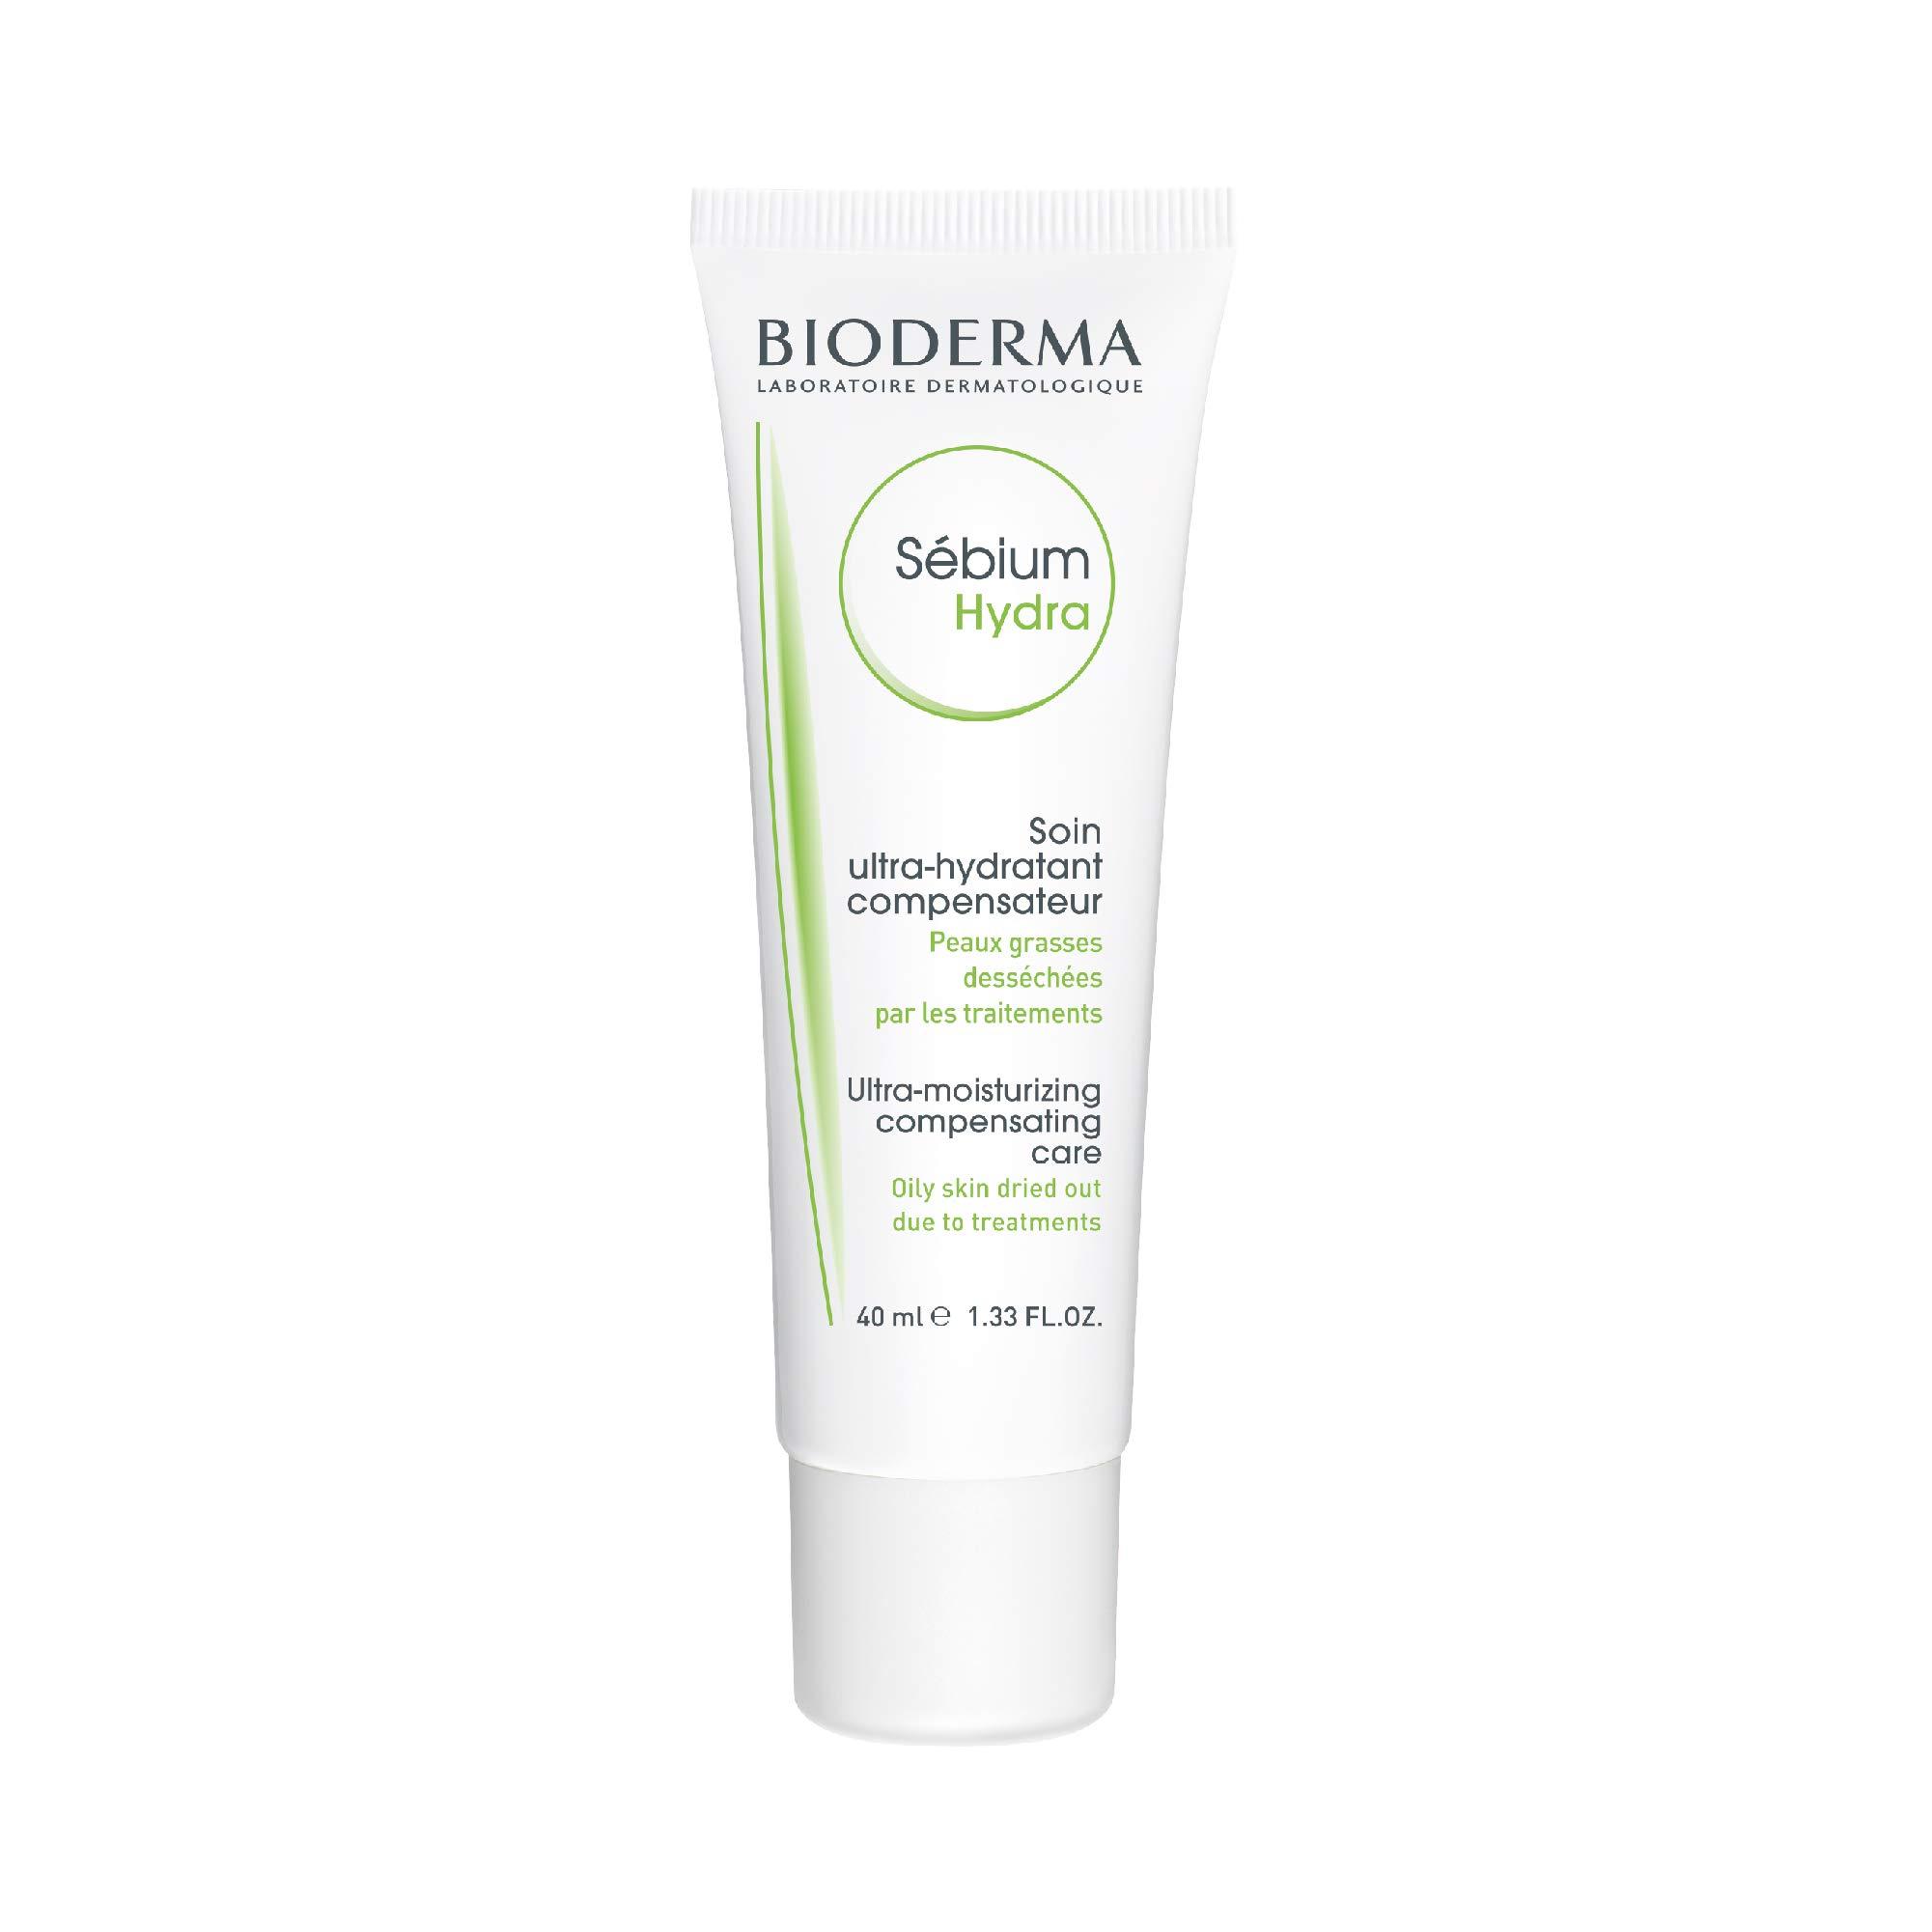 Bioderma Sebium Hydra Moisturising Cream 40ml